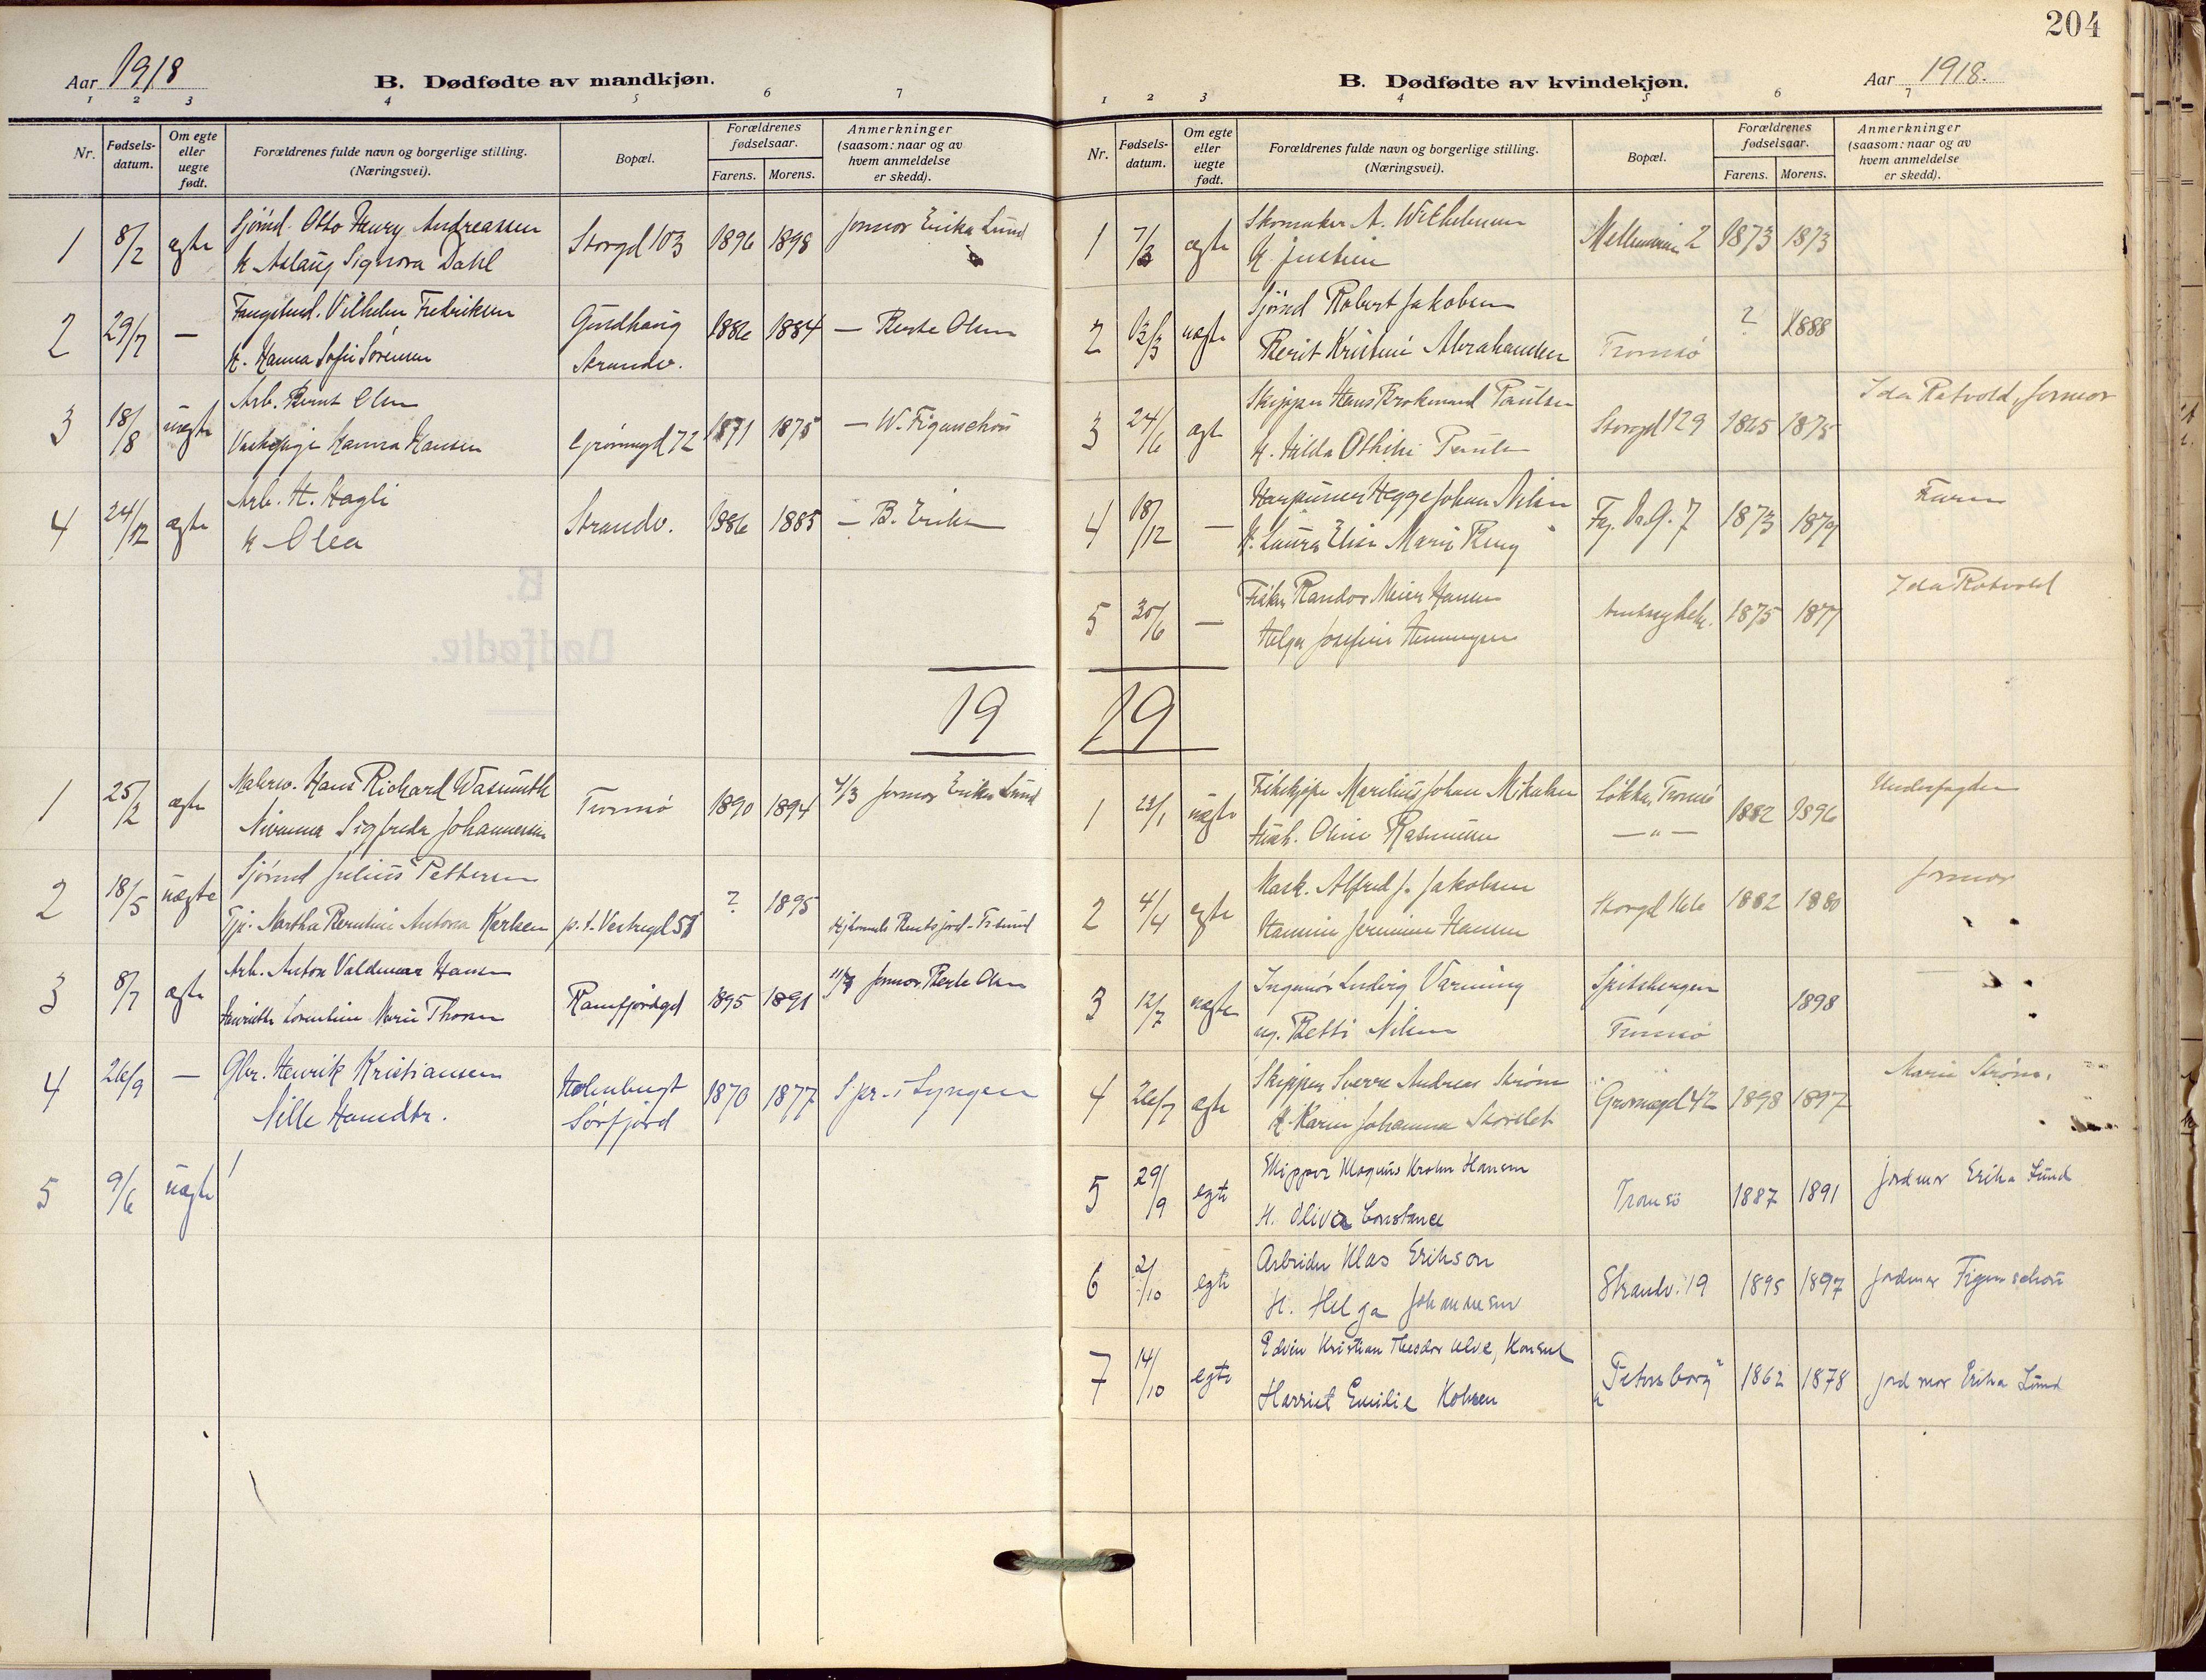 SATØ, Tromsø sokneprestkontor/stiftsprosti/domprosti, G/Ga/L0019kirke: Ministerialbok nr. 19, 1917-1927, s. 204